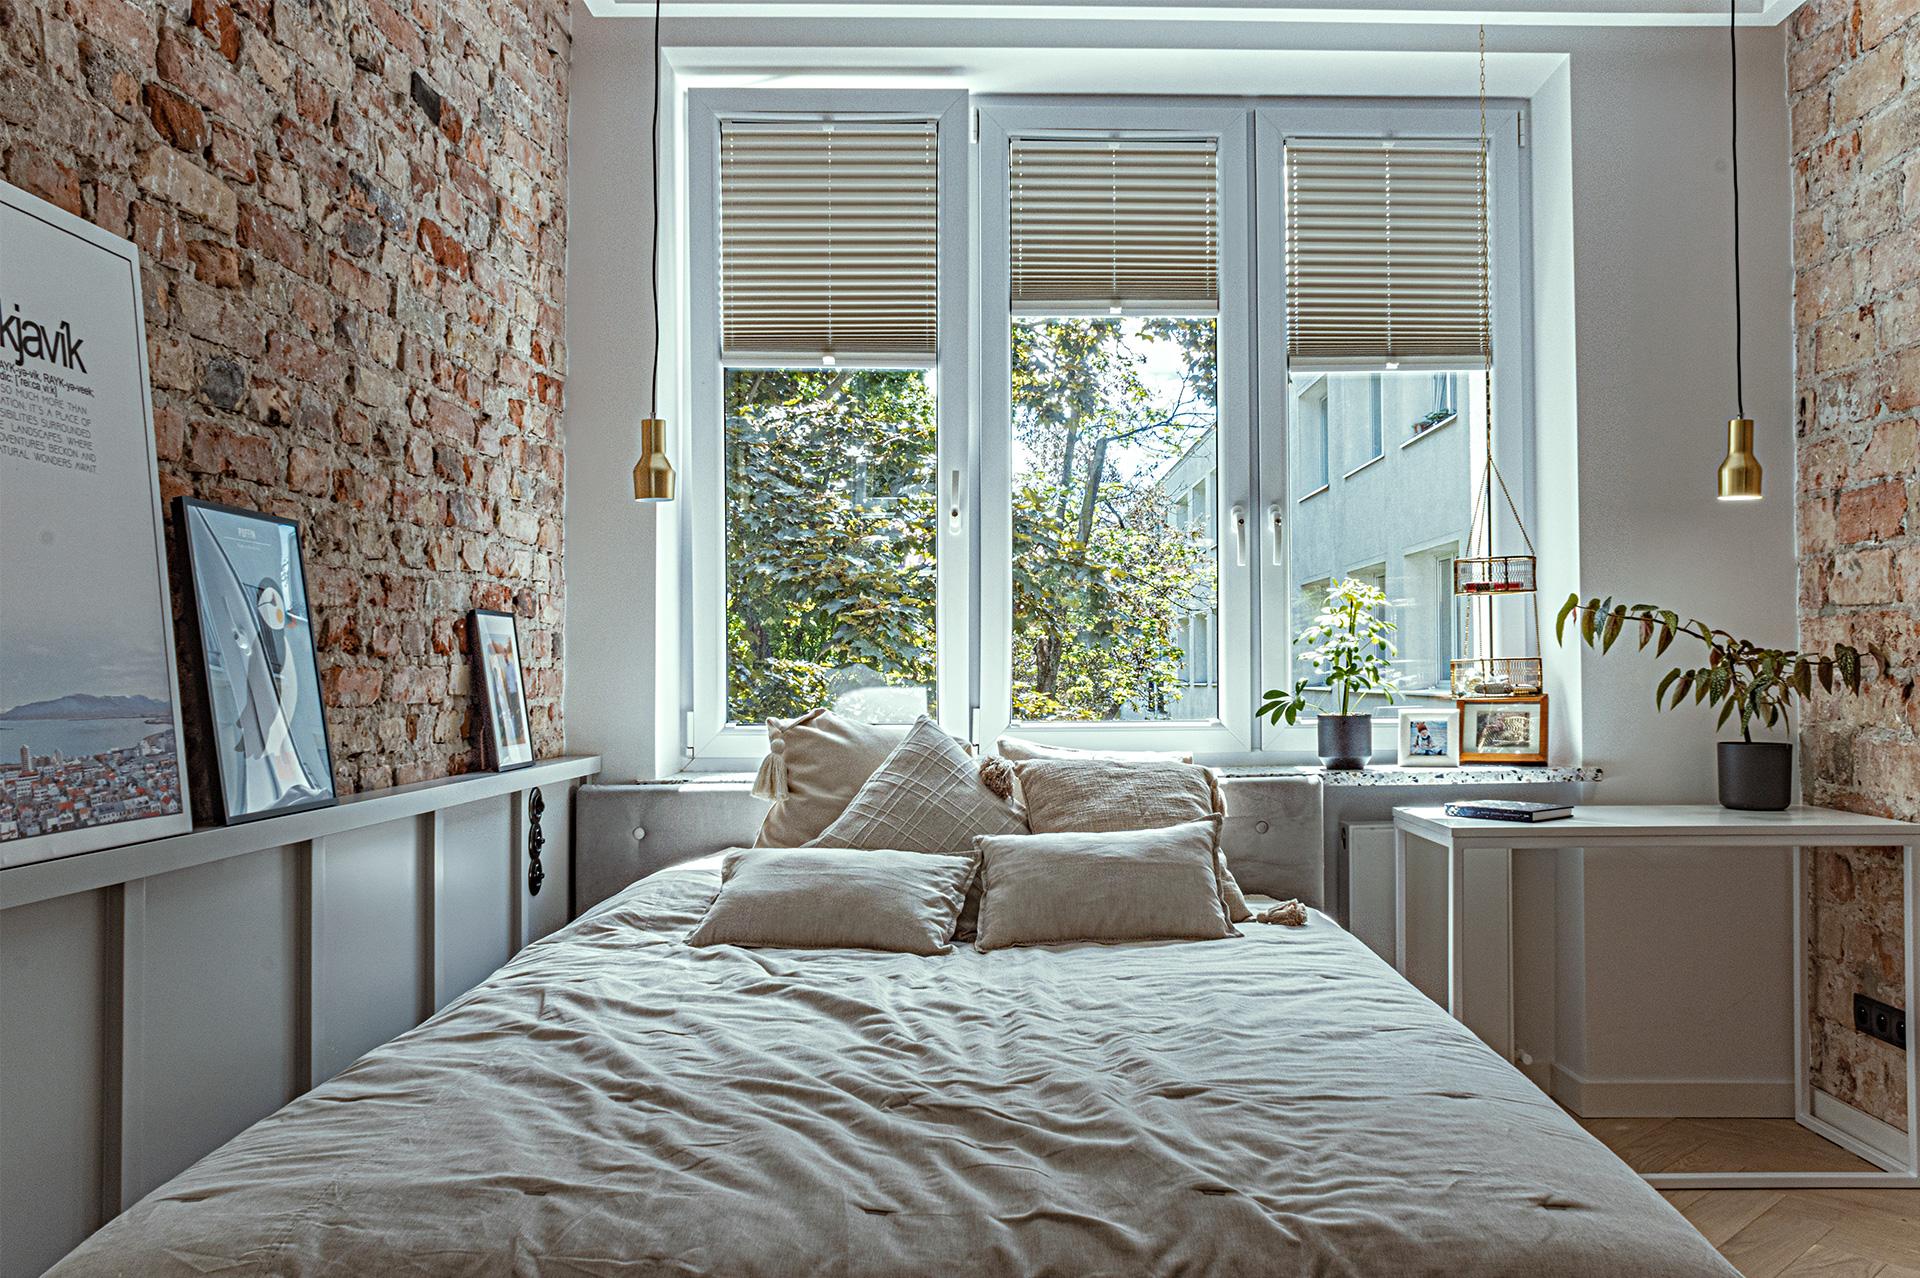 Duże dwuosobowe łóżko posiada wezgłowie o wysokości dopasowanej do parapetu.